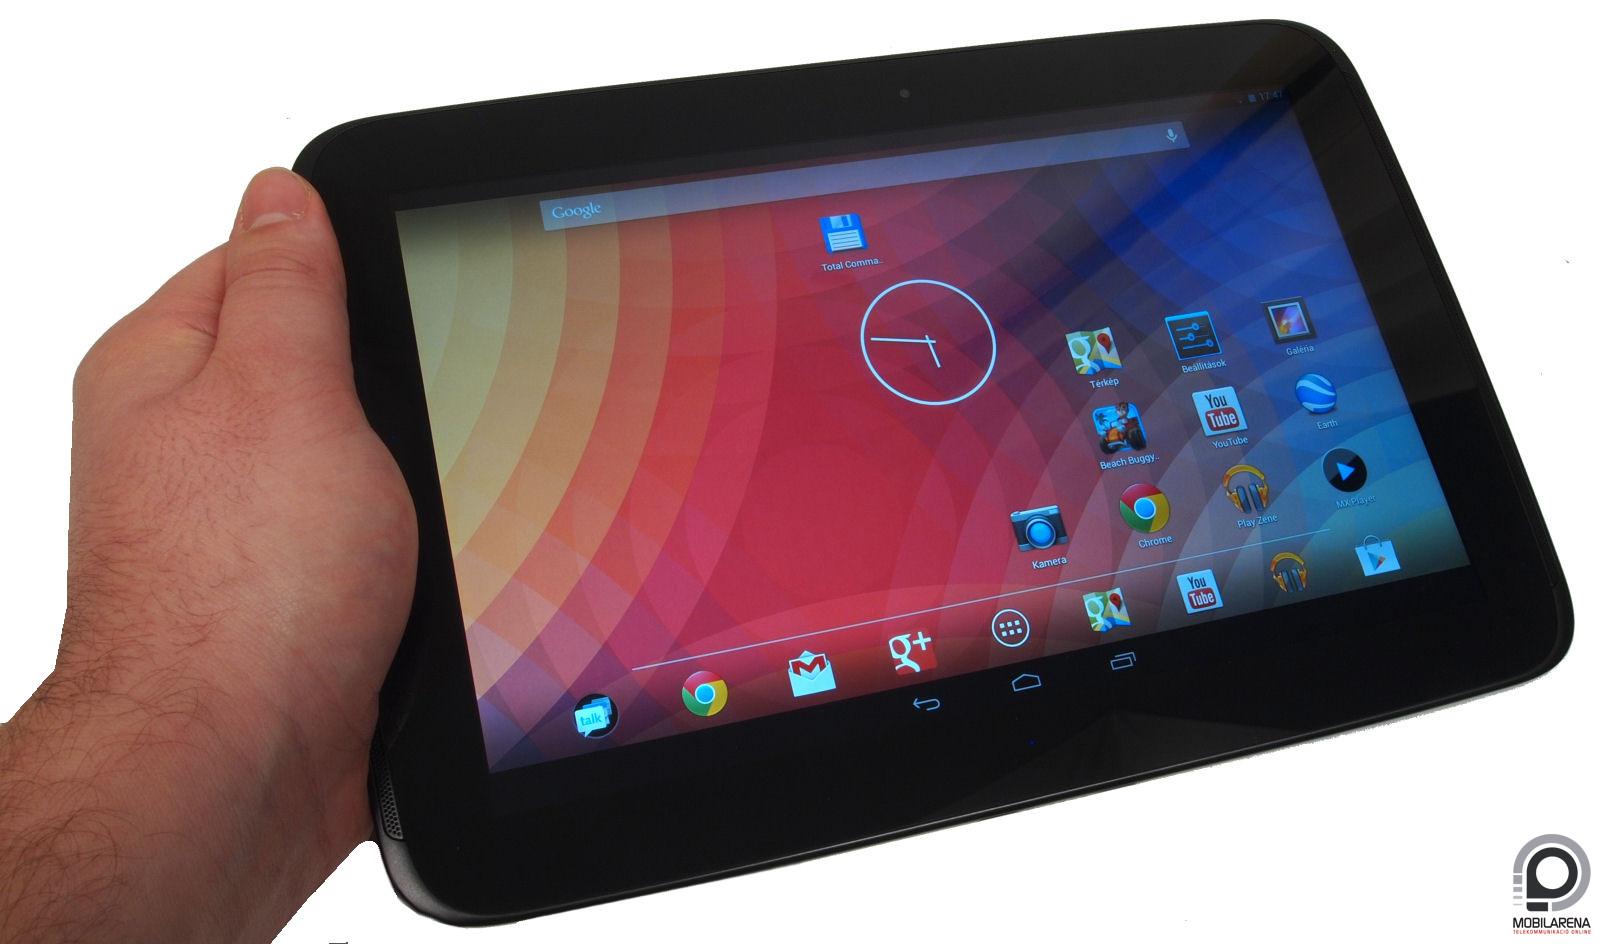 HD Wallpapers Desktop Wallpapers 1080p Samsung Google Nexus 10 1600x944